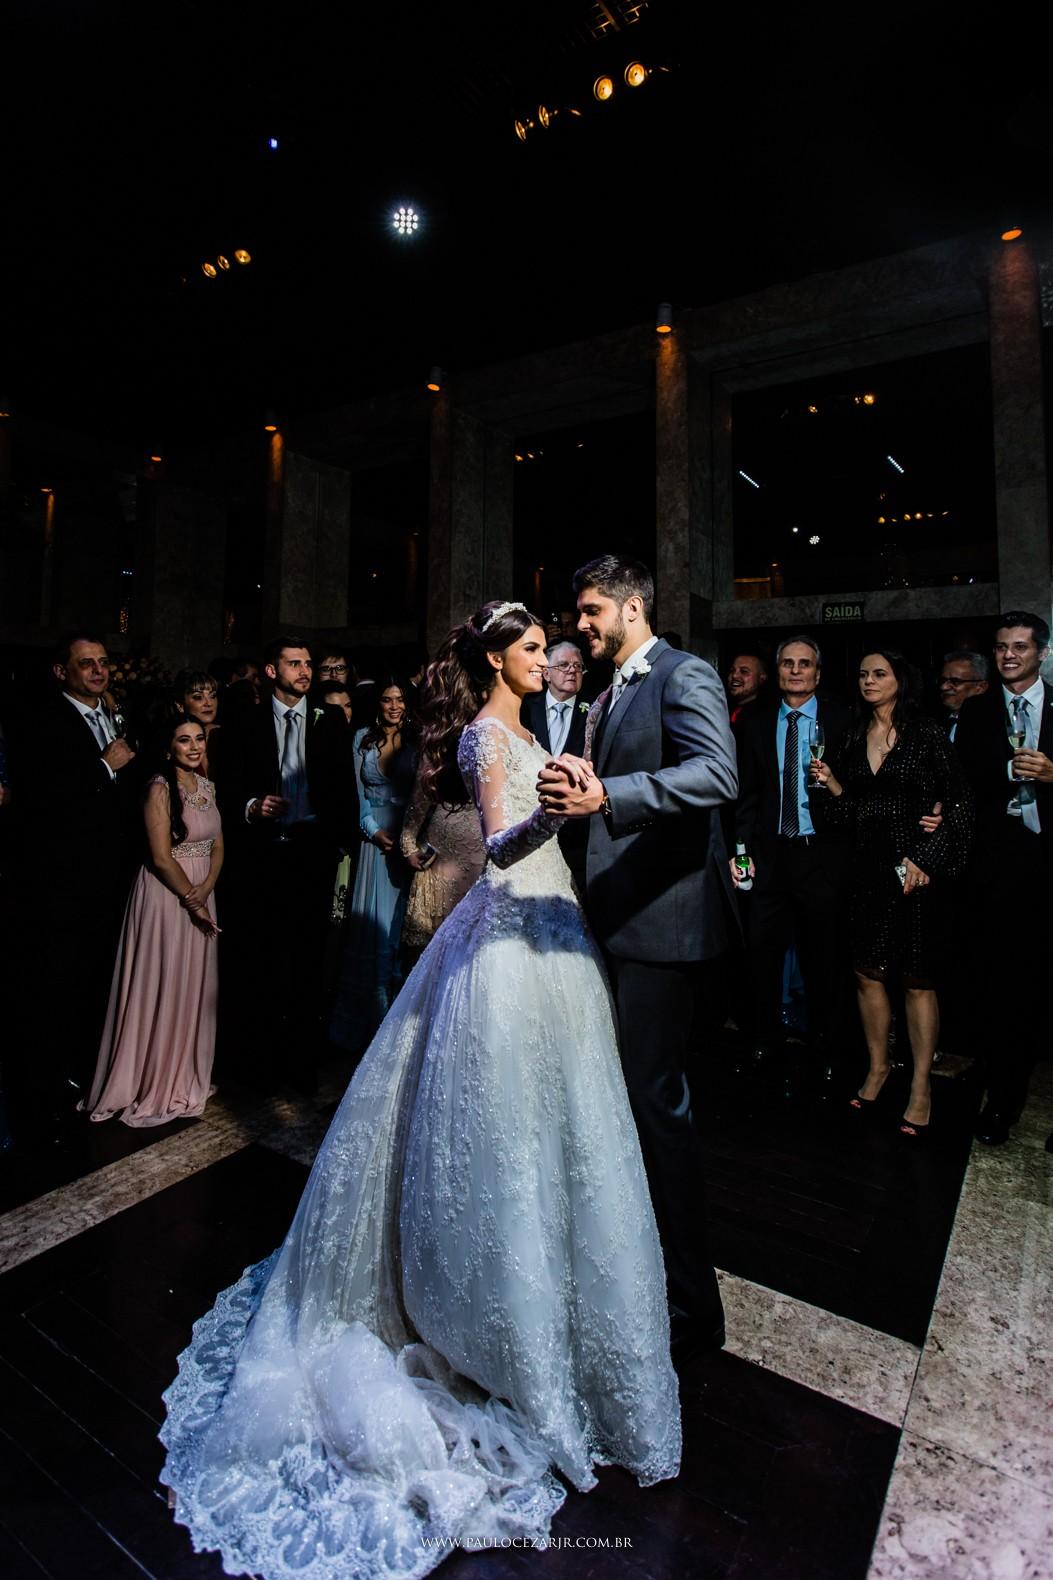 primeira dança dos noivos na festa do casamento